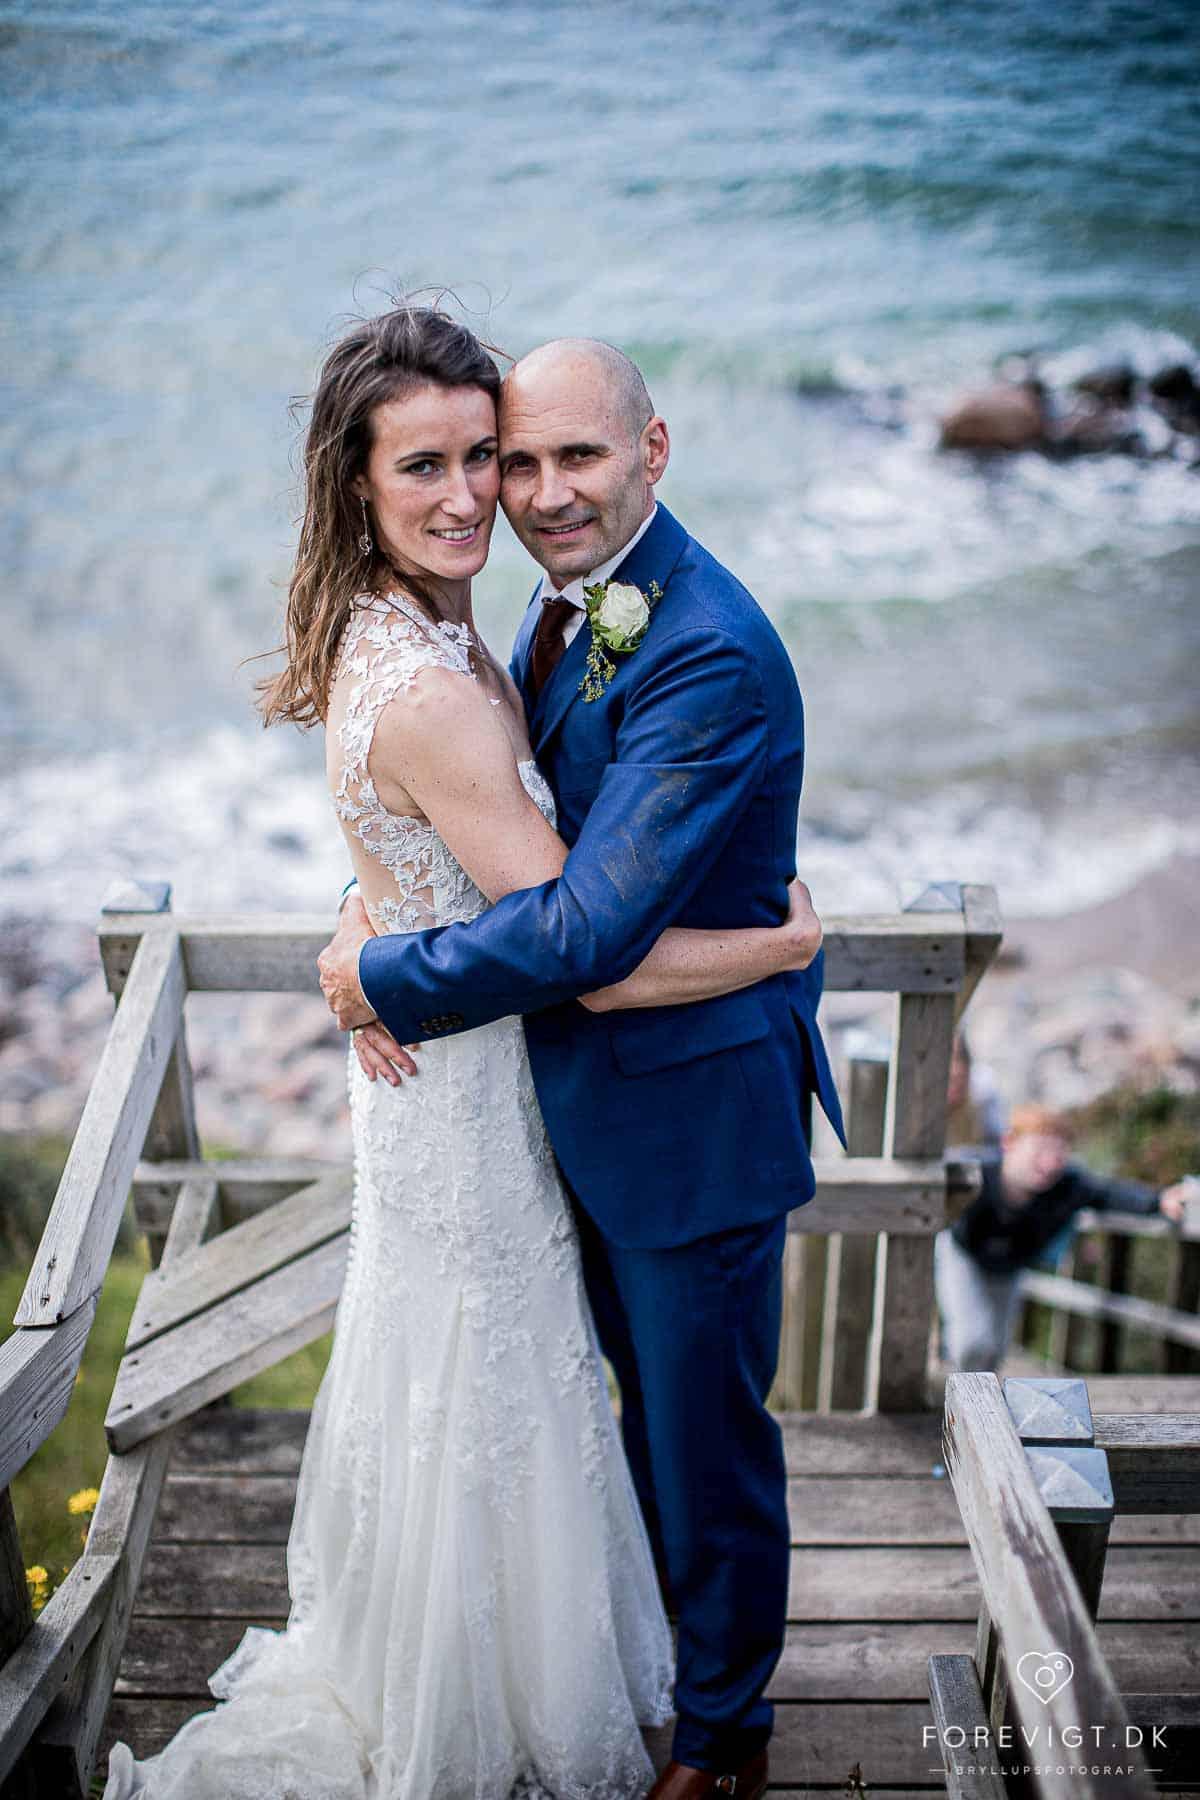 Brylluppet er en af de største dage i vores liv